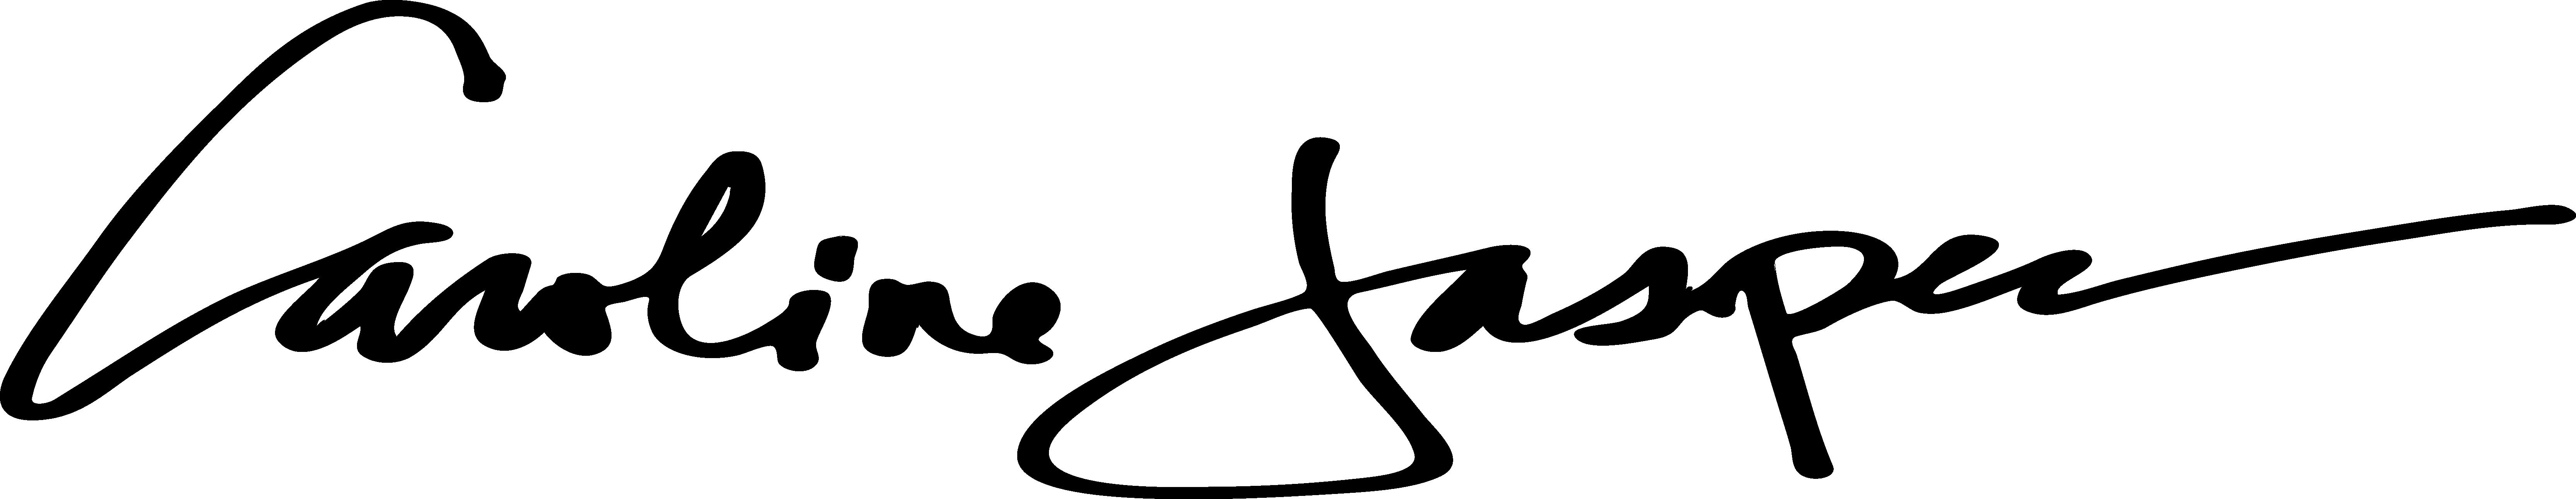 CAROLINE JASPER Signature